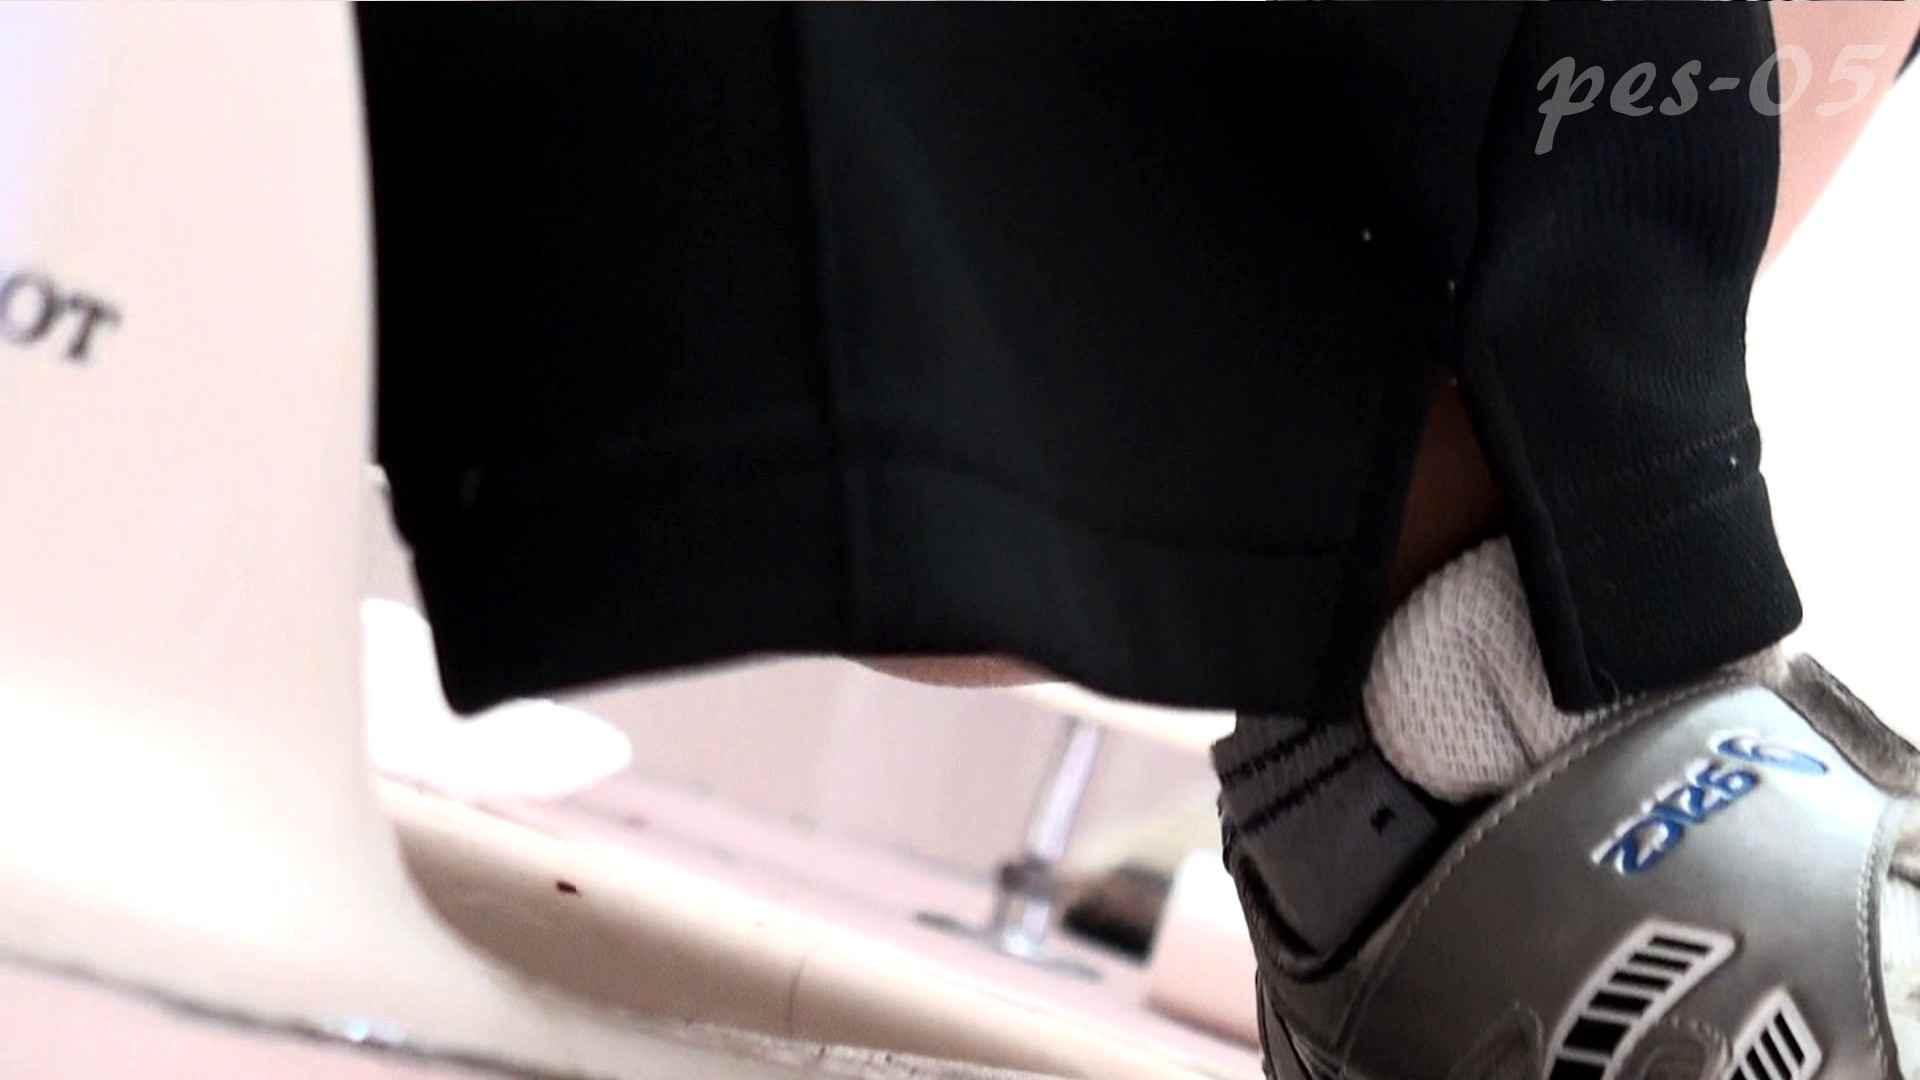 ※100個限定販売 至高下半身盗撮-プレミアム-【体育館編】VOL.5 盗撮で悶絶 すけべAV動画紹介 108画像 51